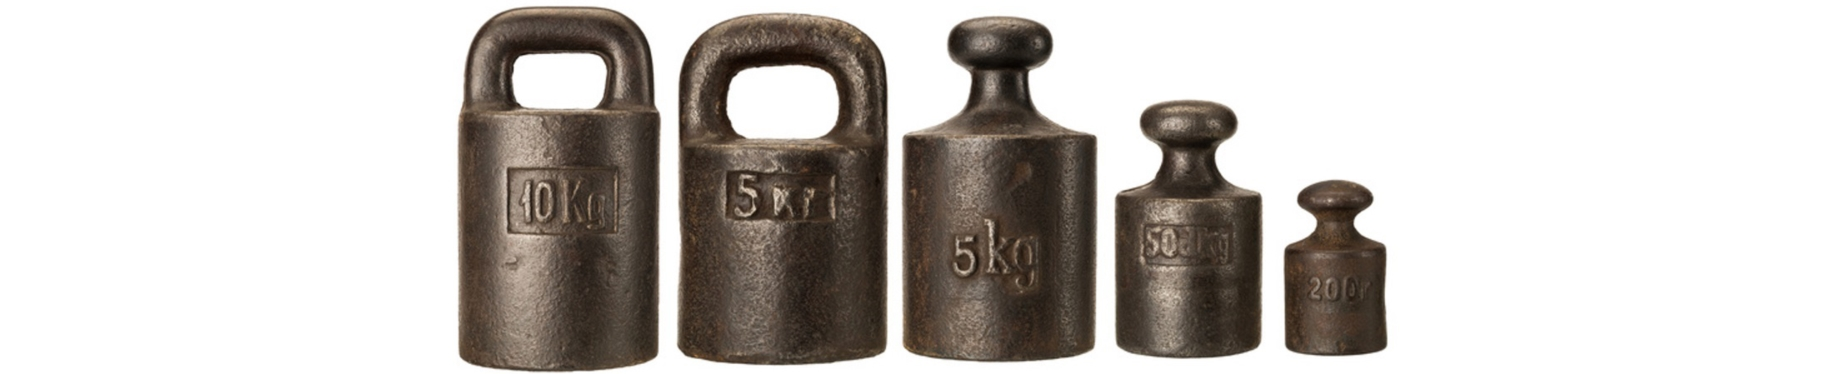 Gewichte breit - Kopie